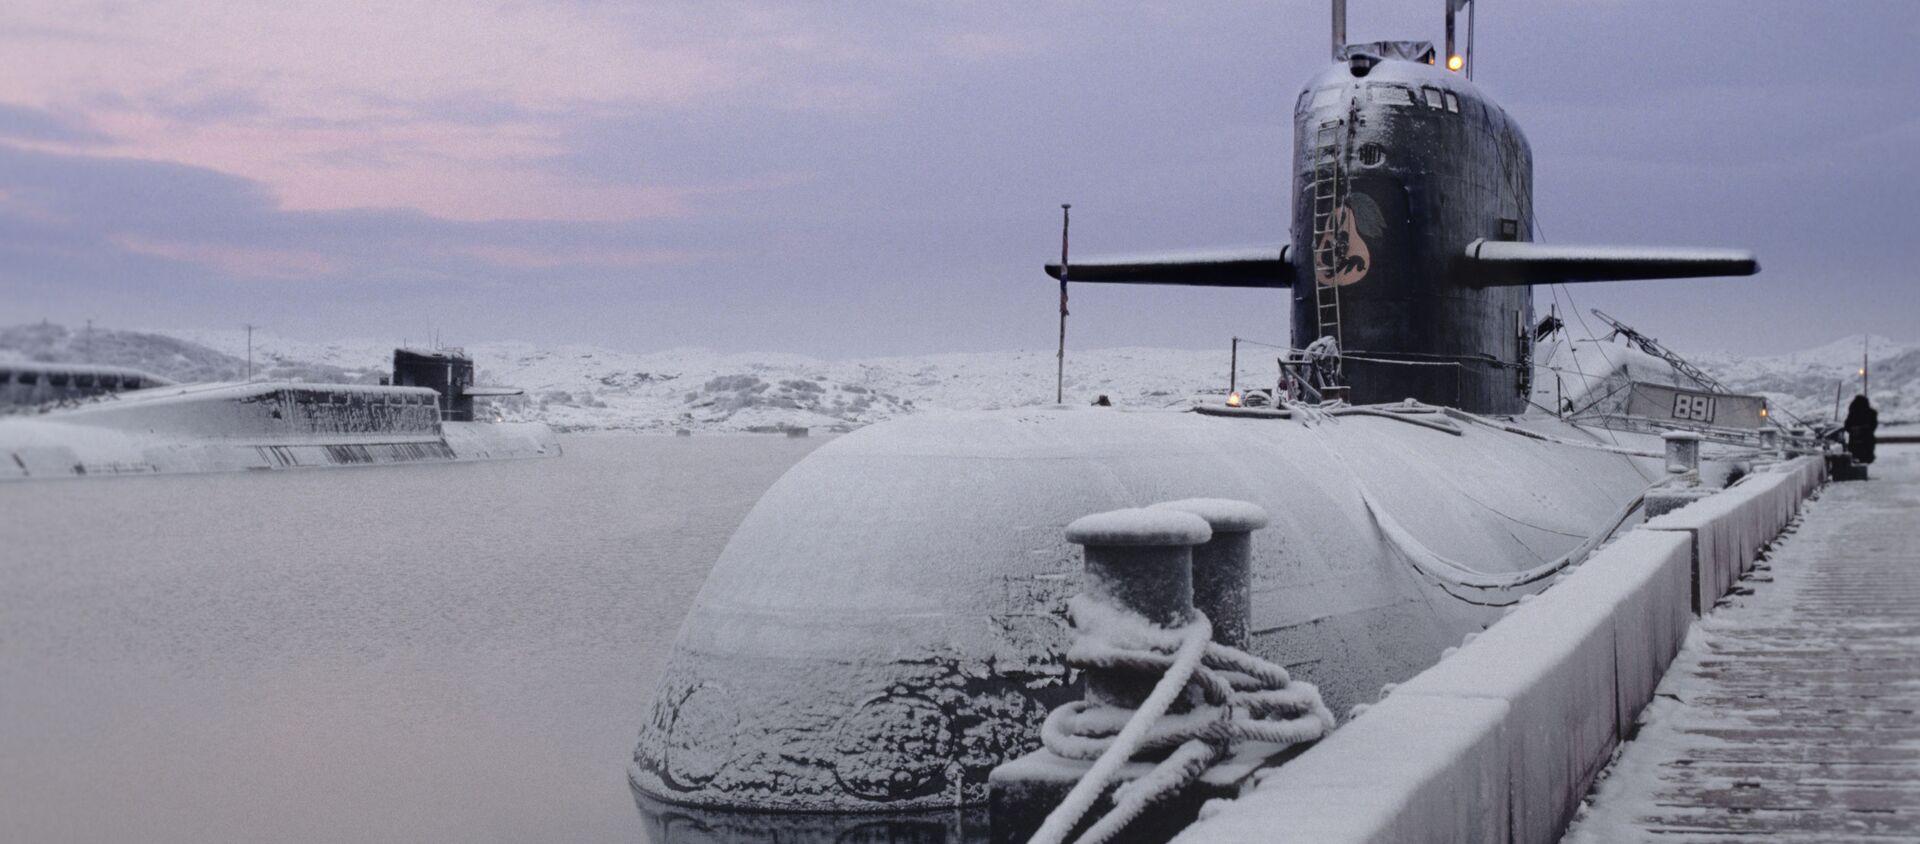 Tàu ngầm hạt nhân của Hạm đội Biển Bắc - cạnh bức tường neo đậu trên căn cứ hải quân. - Sputnik Việt Nam, 1920, 26.03.2021